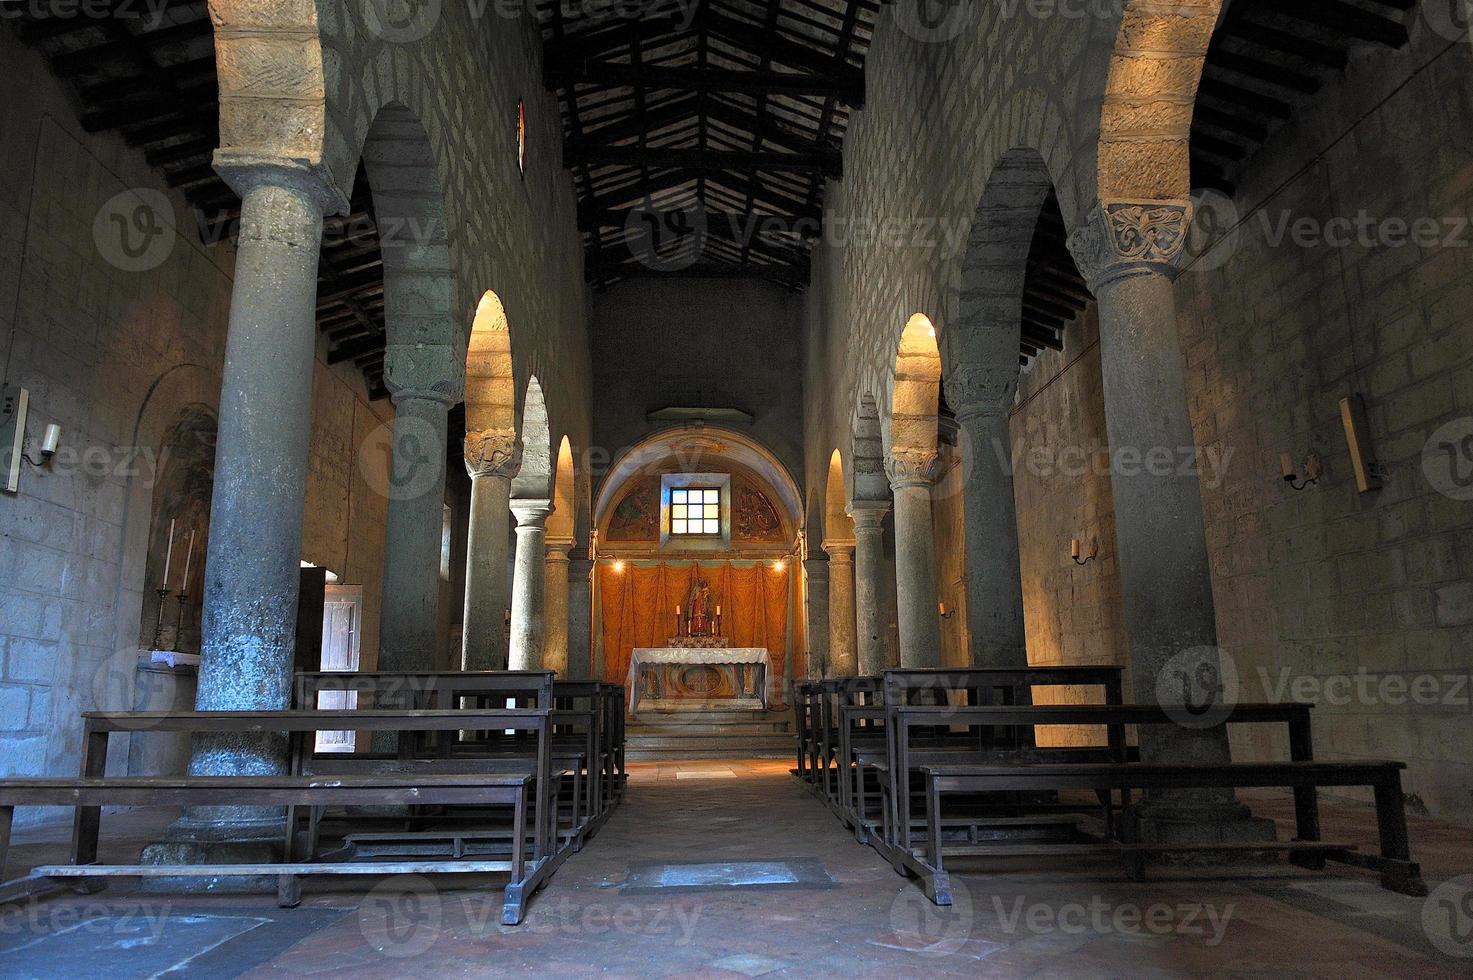 oude overdekte kerk foto